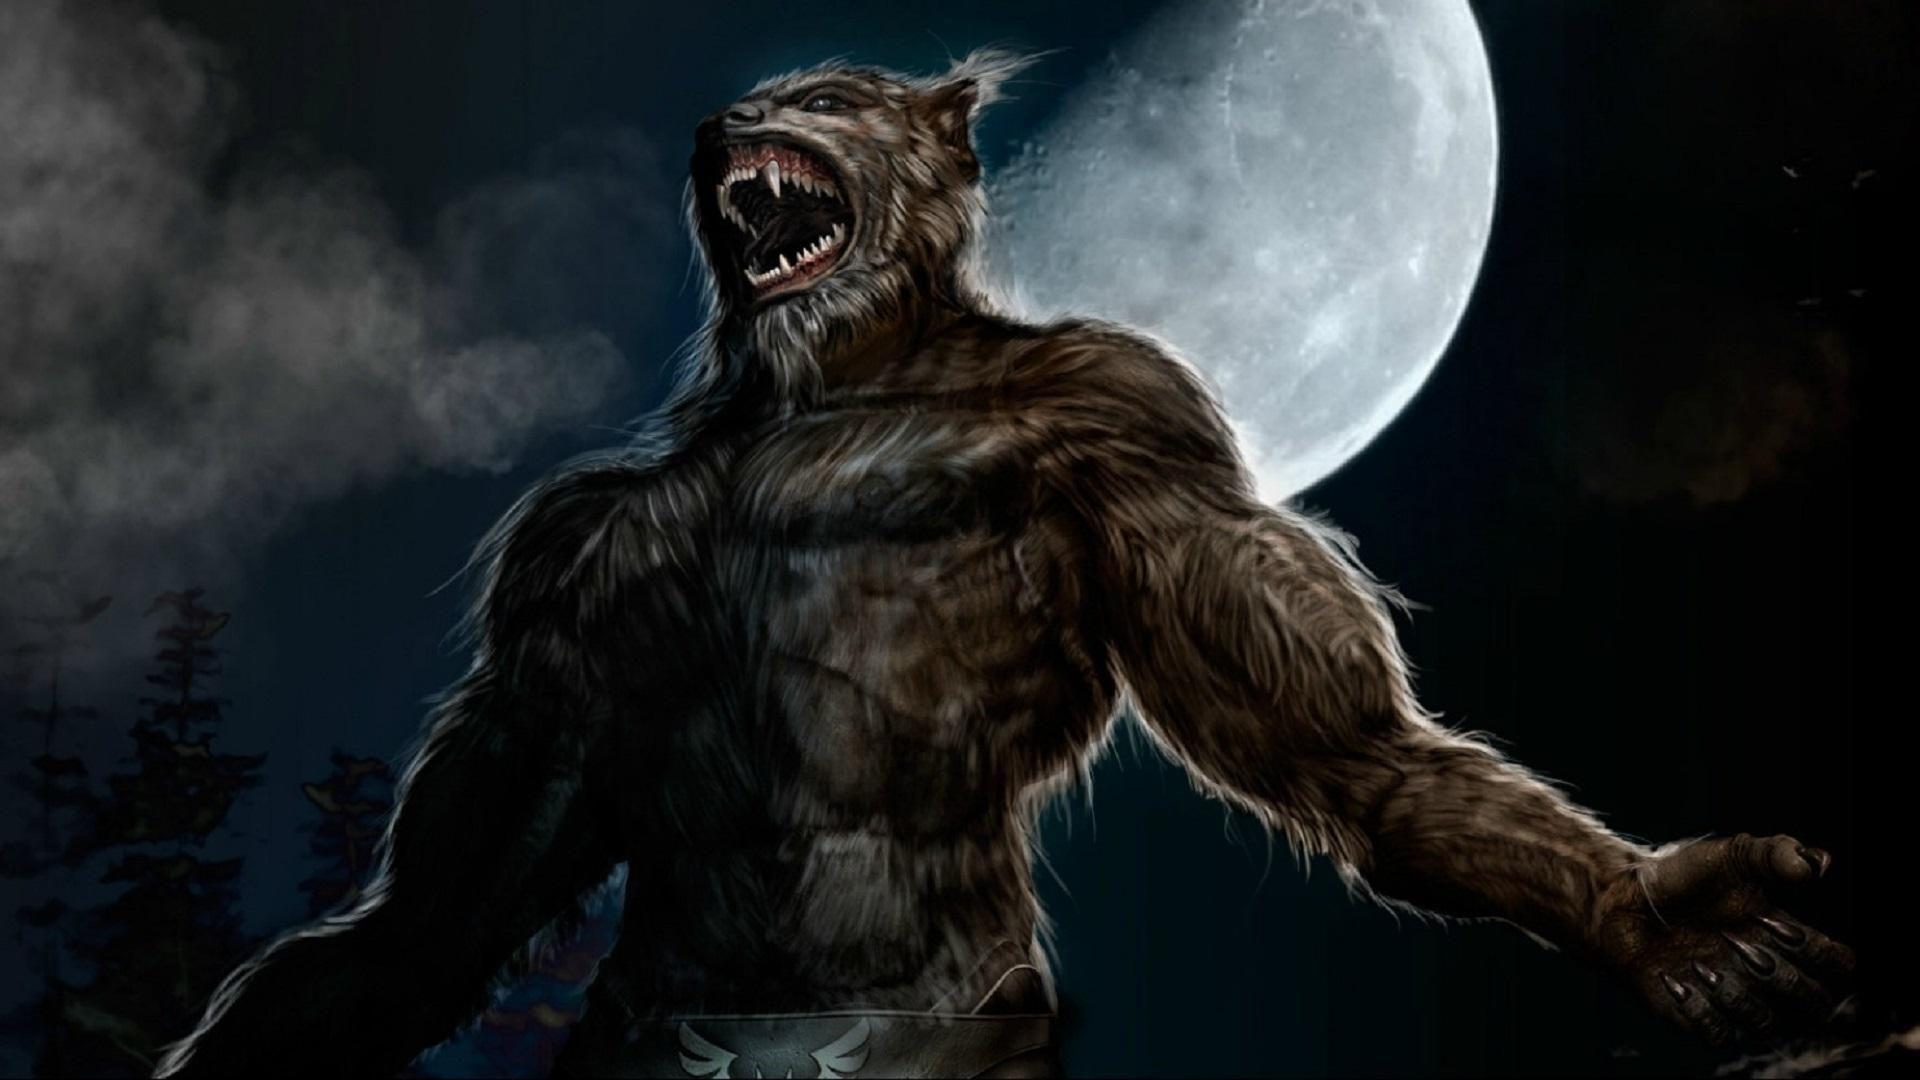 Werewolf Wallpaper 1920x1080 Wallpaper Werewolf Werewolf Art